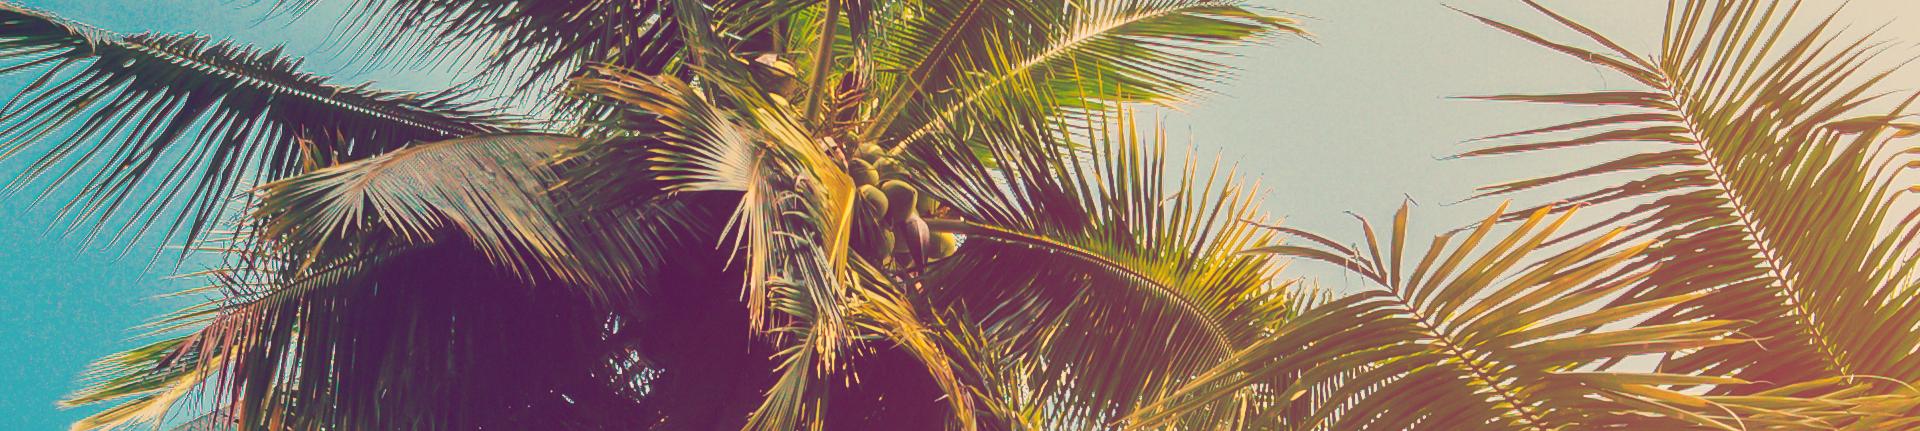 O coqueiro salva vidas: conheça todos os benefícios